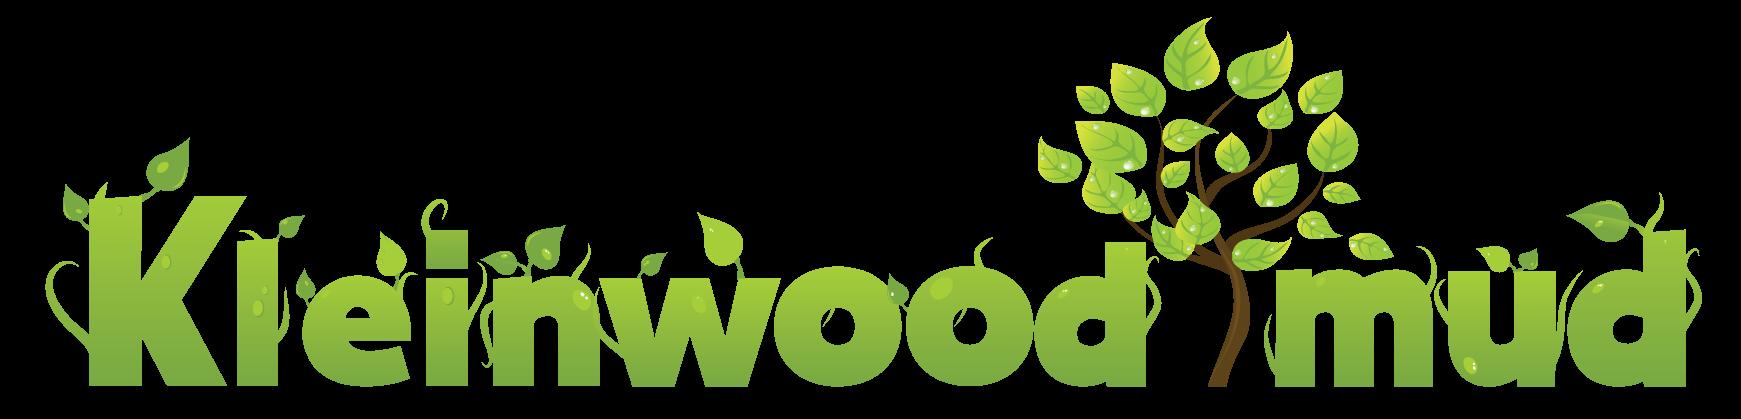 Kleinwood MUD logo